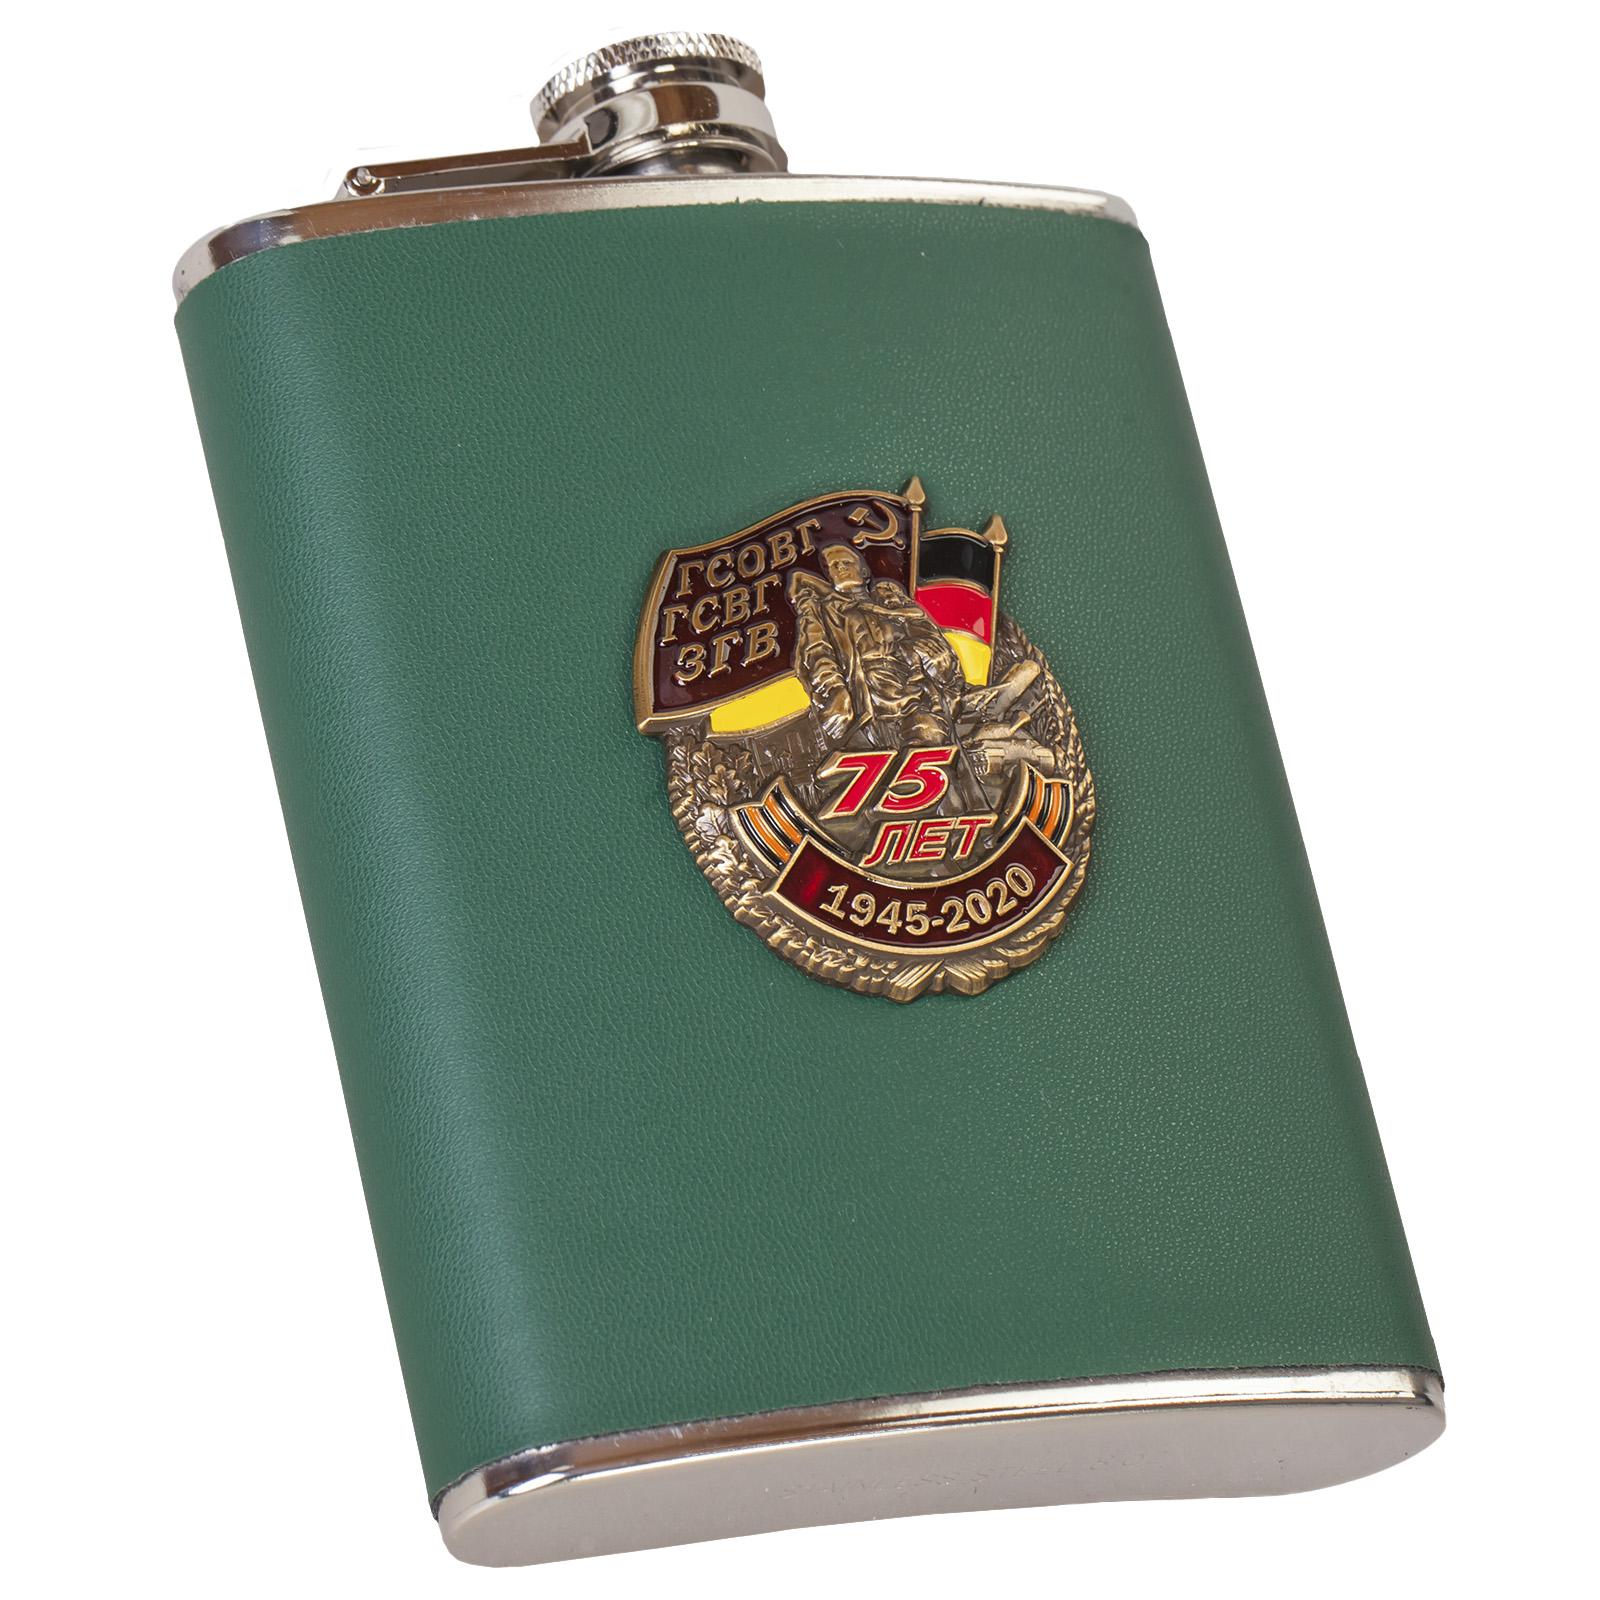 Эксклюзивная зеленая фляжка 75-лет ГСВГ - заказать с доставкой